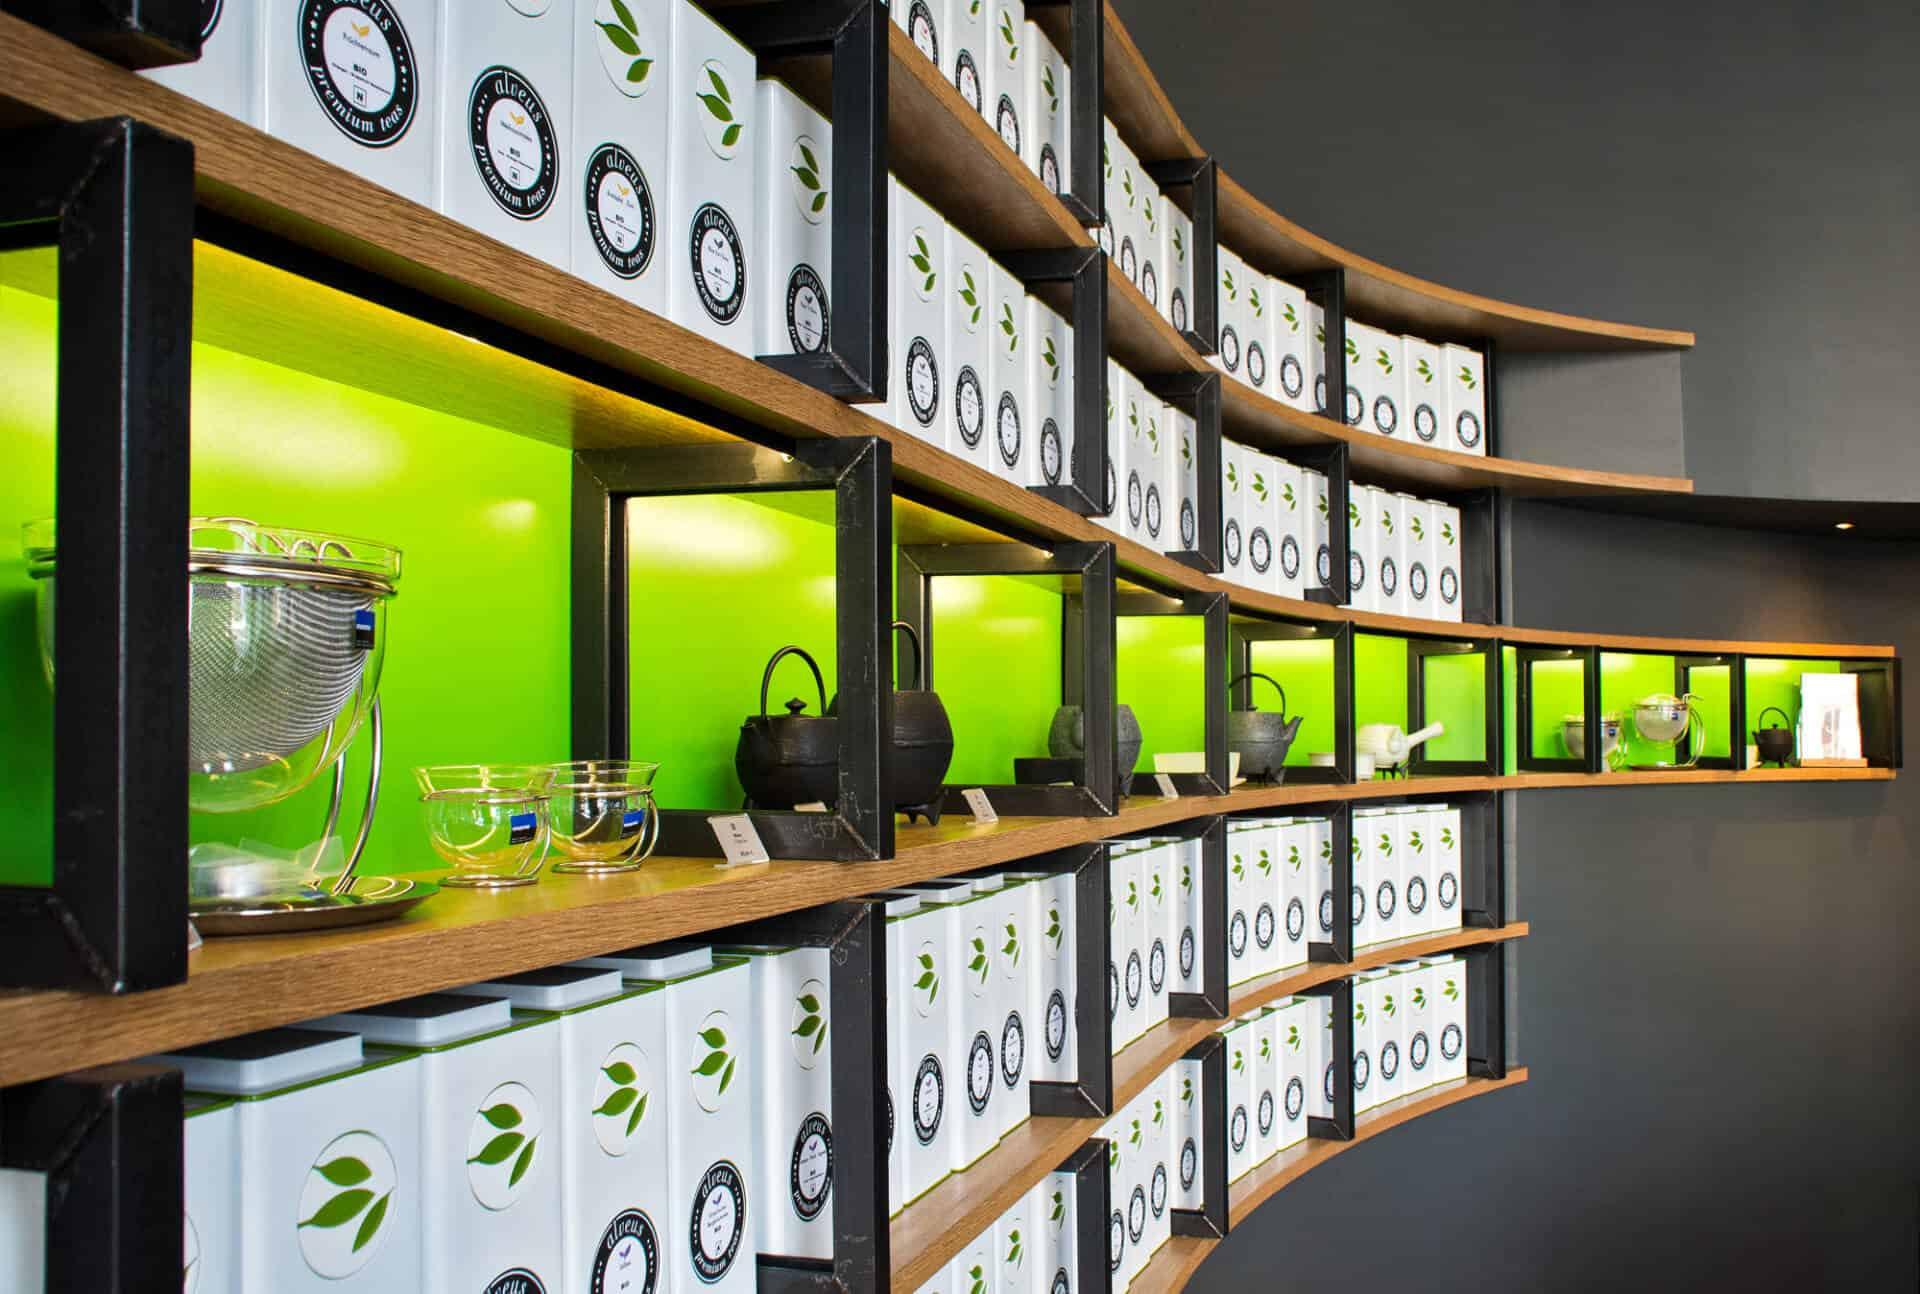 perfektes und funktionales Tee Store Konzept Retail-Design Produkt-Design Corporate-Design von Lange Architekten im ersten alveus Bio-Tee Tea-Store Alster mit Akzenten in Eichenholz und Stahl mit repräsentativer organischer Rückwand mit alveus Caddies und Logo creates-your-premium-tea in den Colonnaden Hamburg